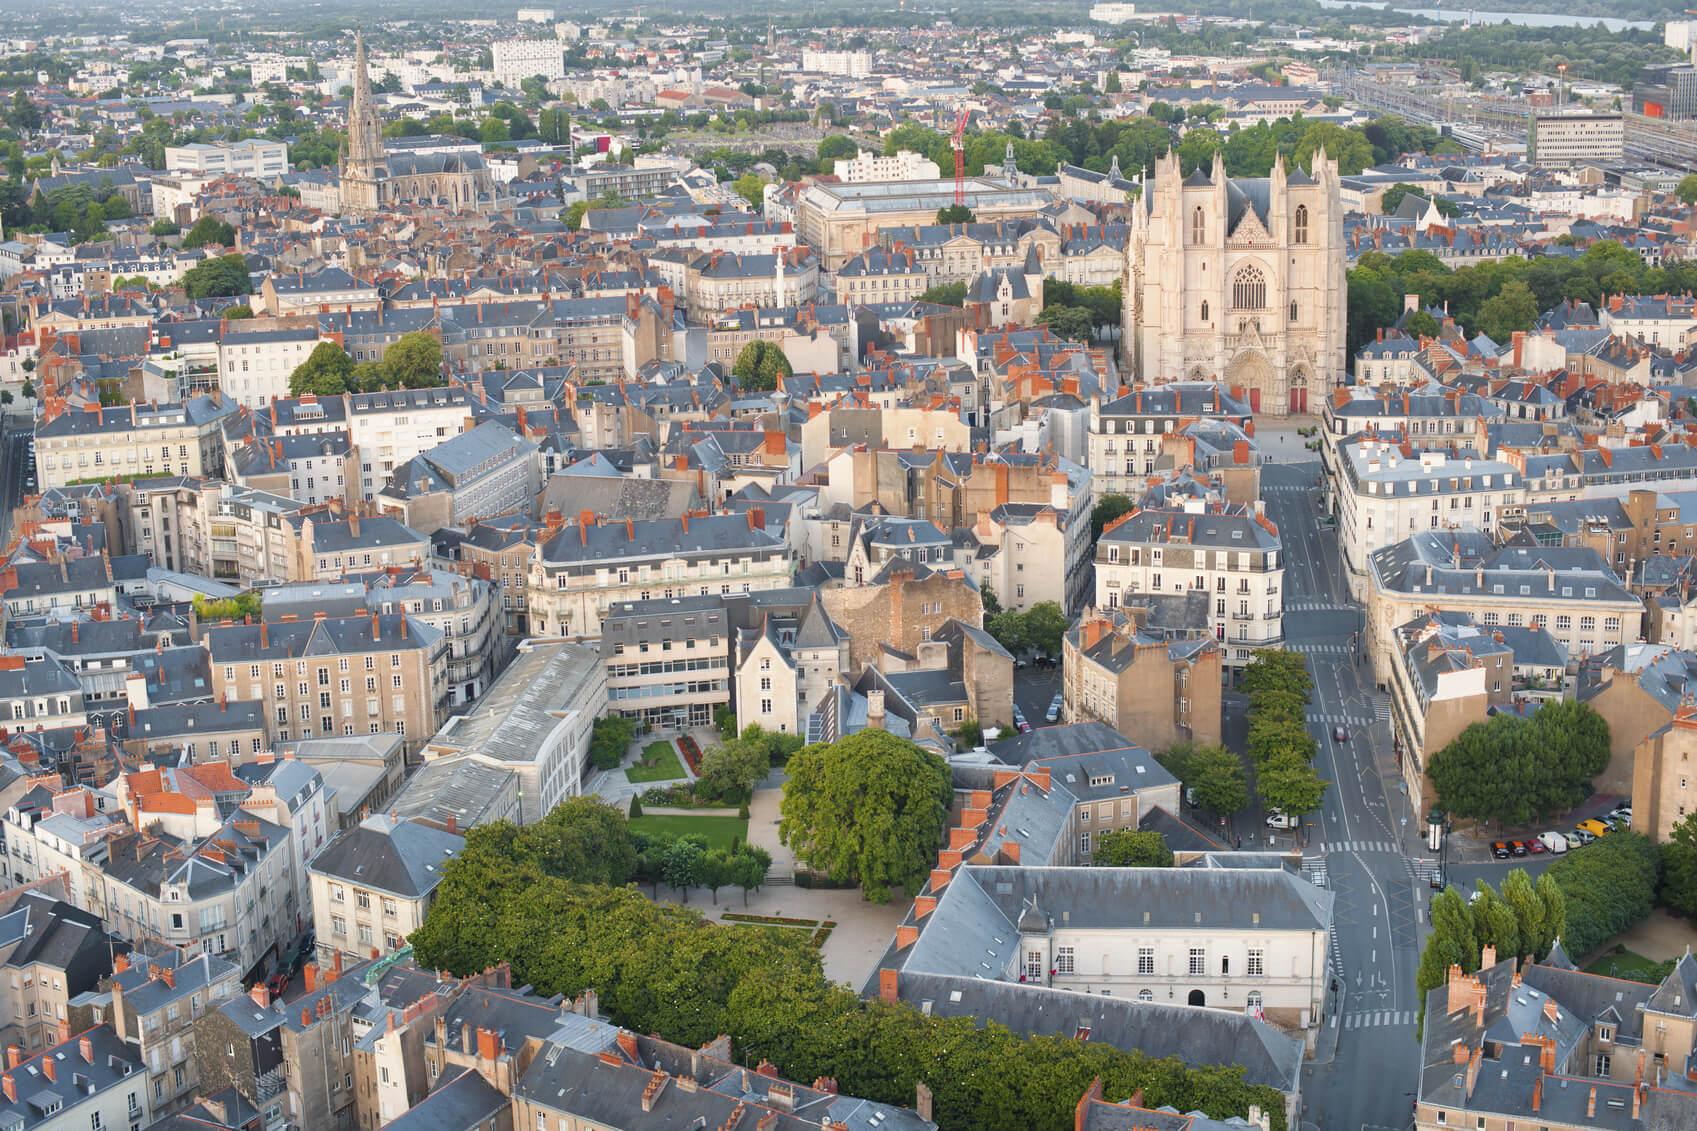 Une vue sur la ville de Nantes et sa Cathédrale Saint-Pierre-et-Saint-Paul